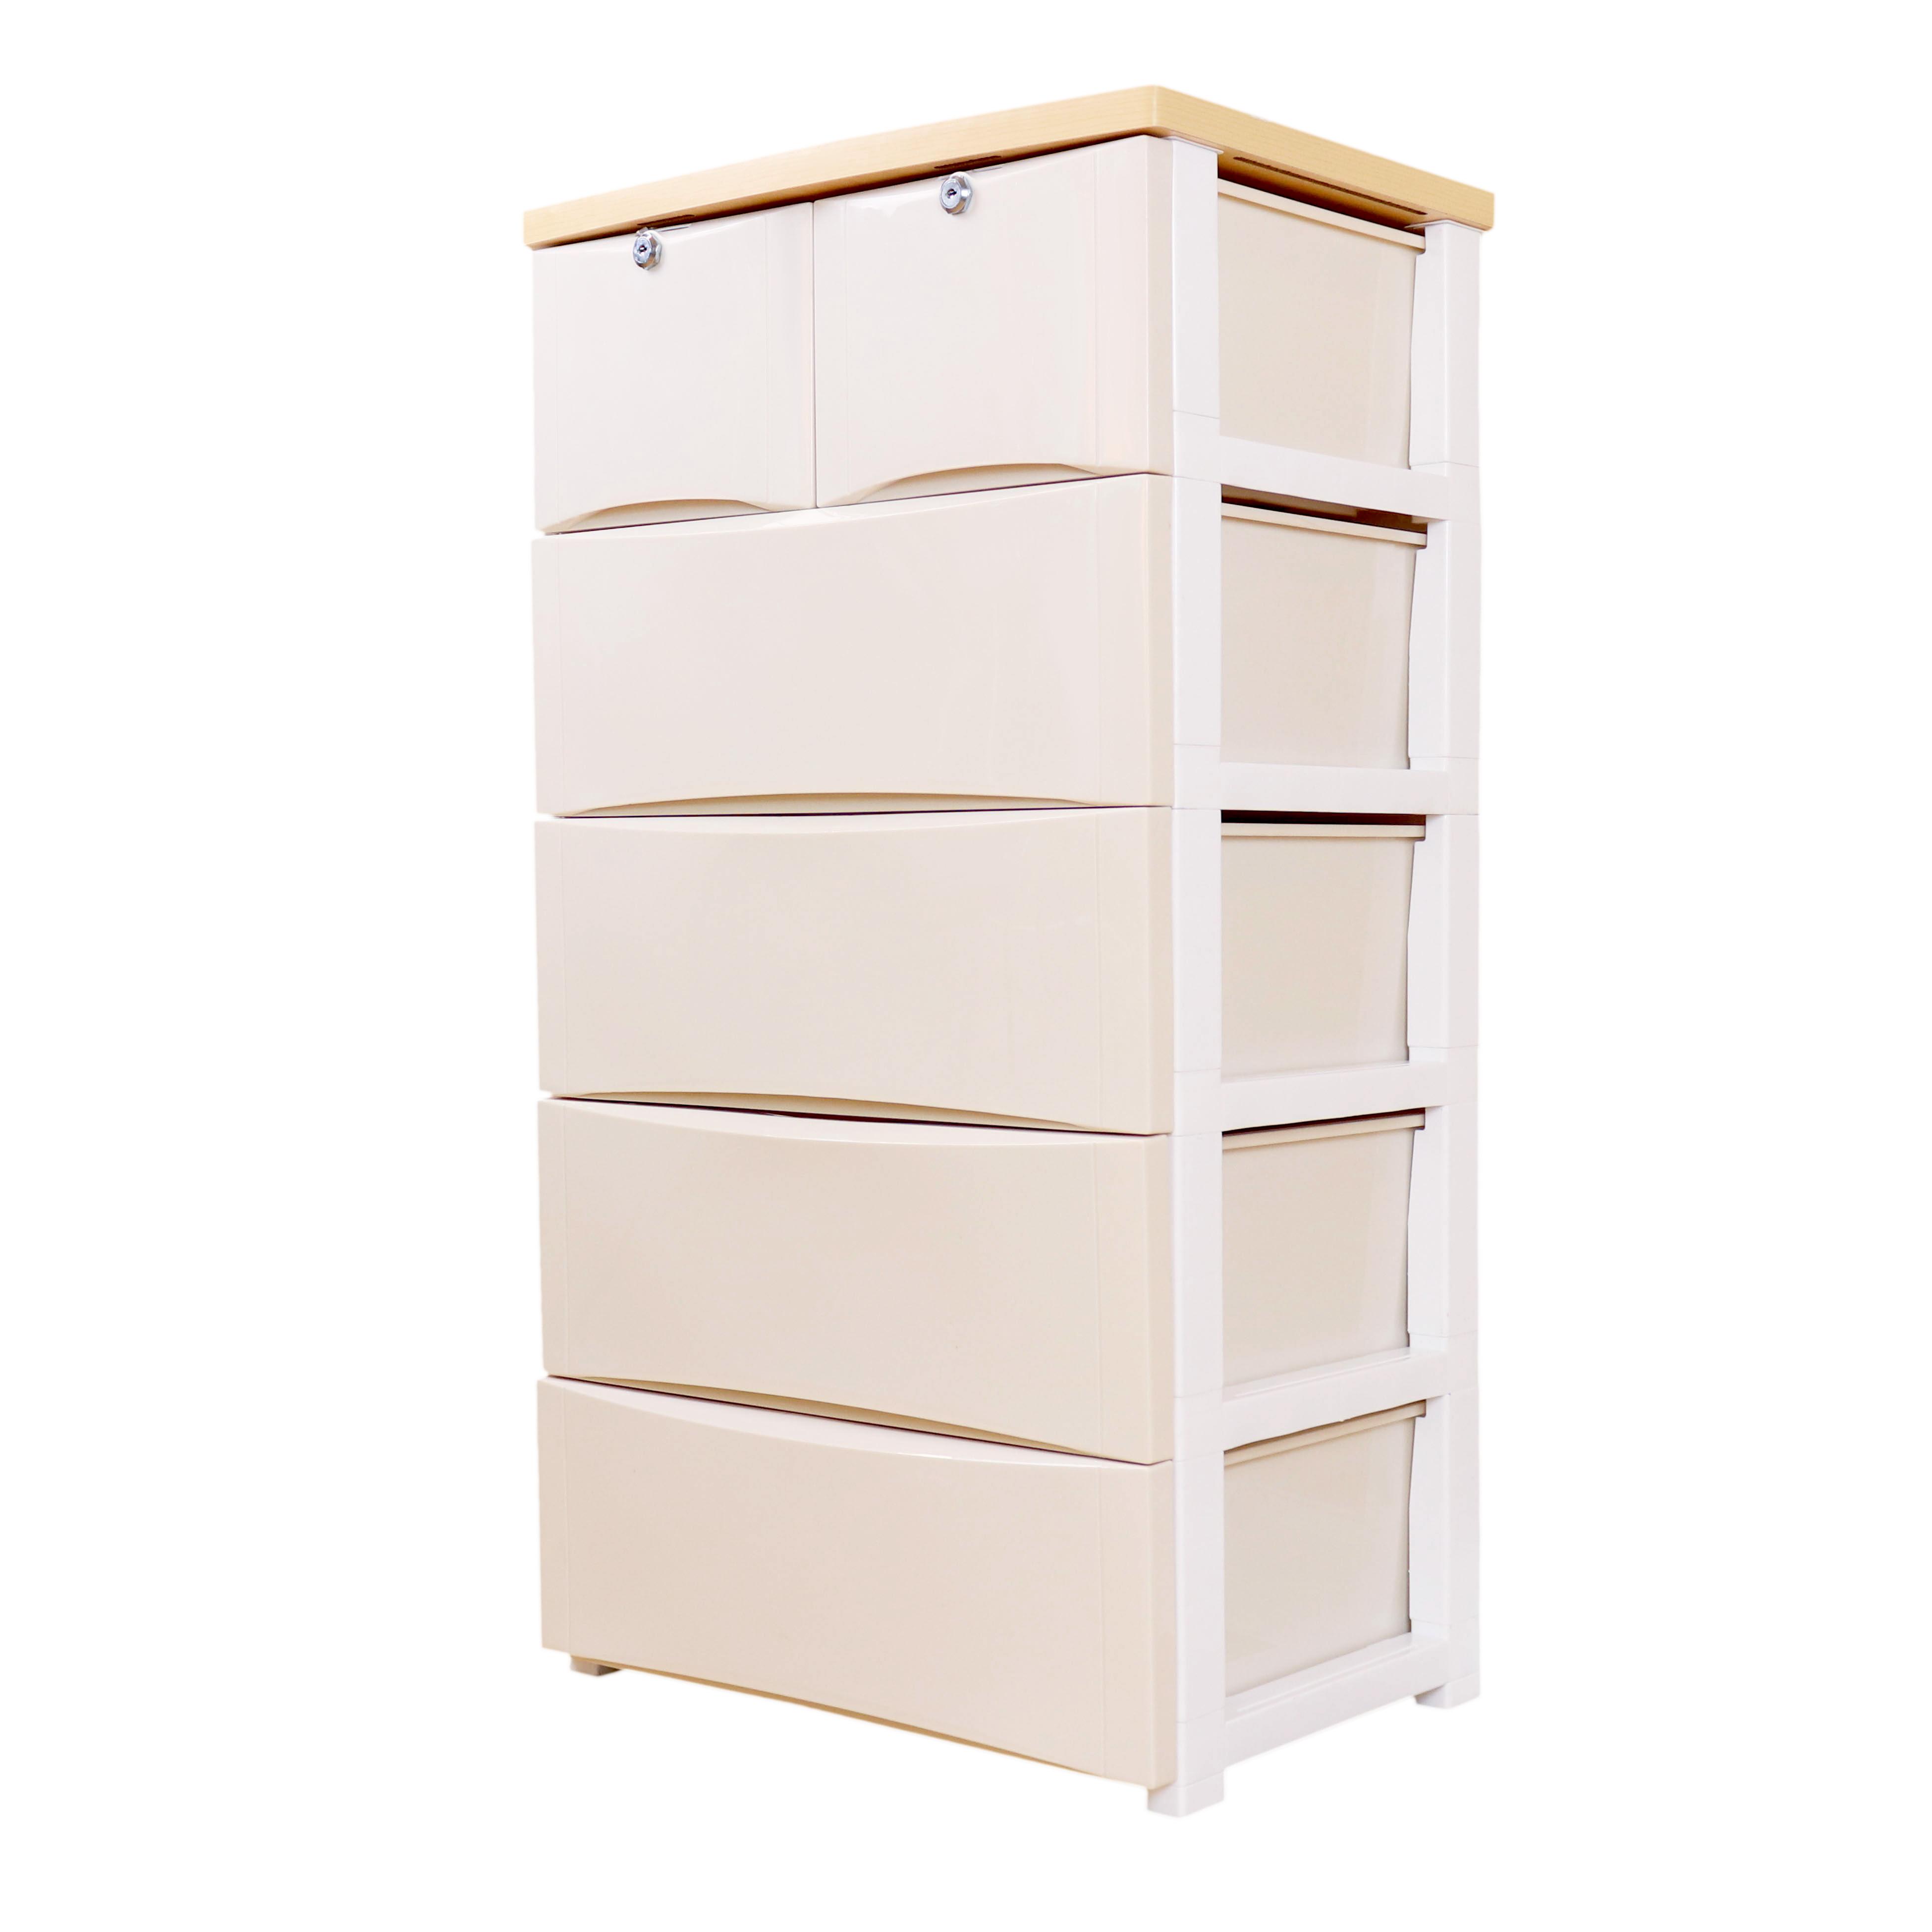 Wooden Top 5 Tiers Cabinet Plastic